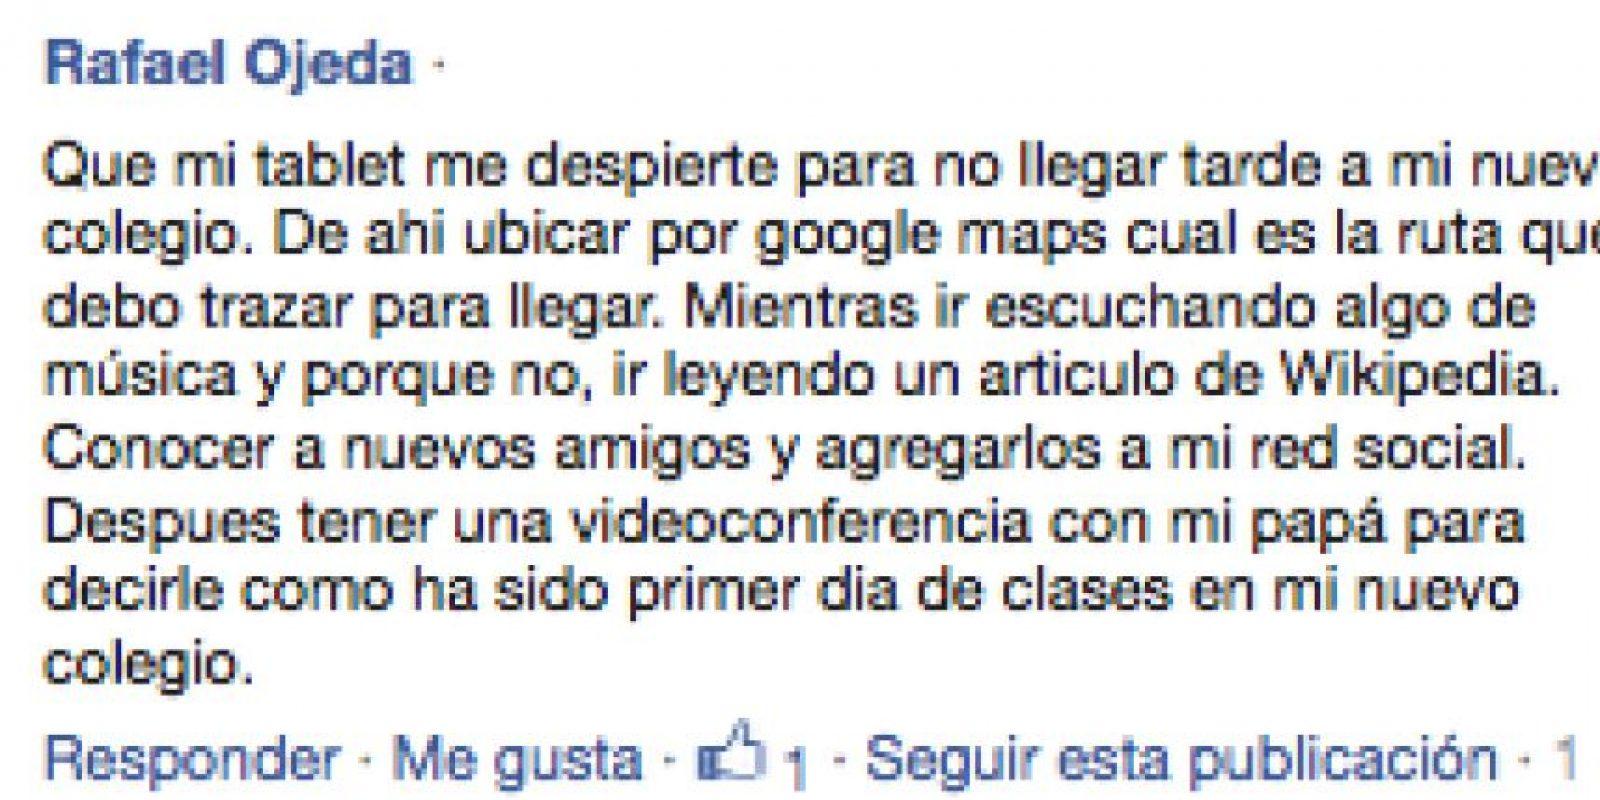 1) Rafael Ojeda